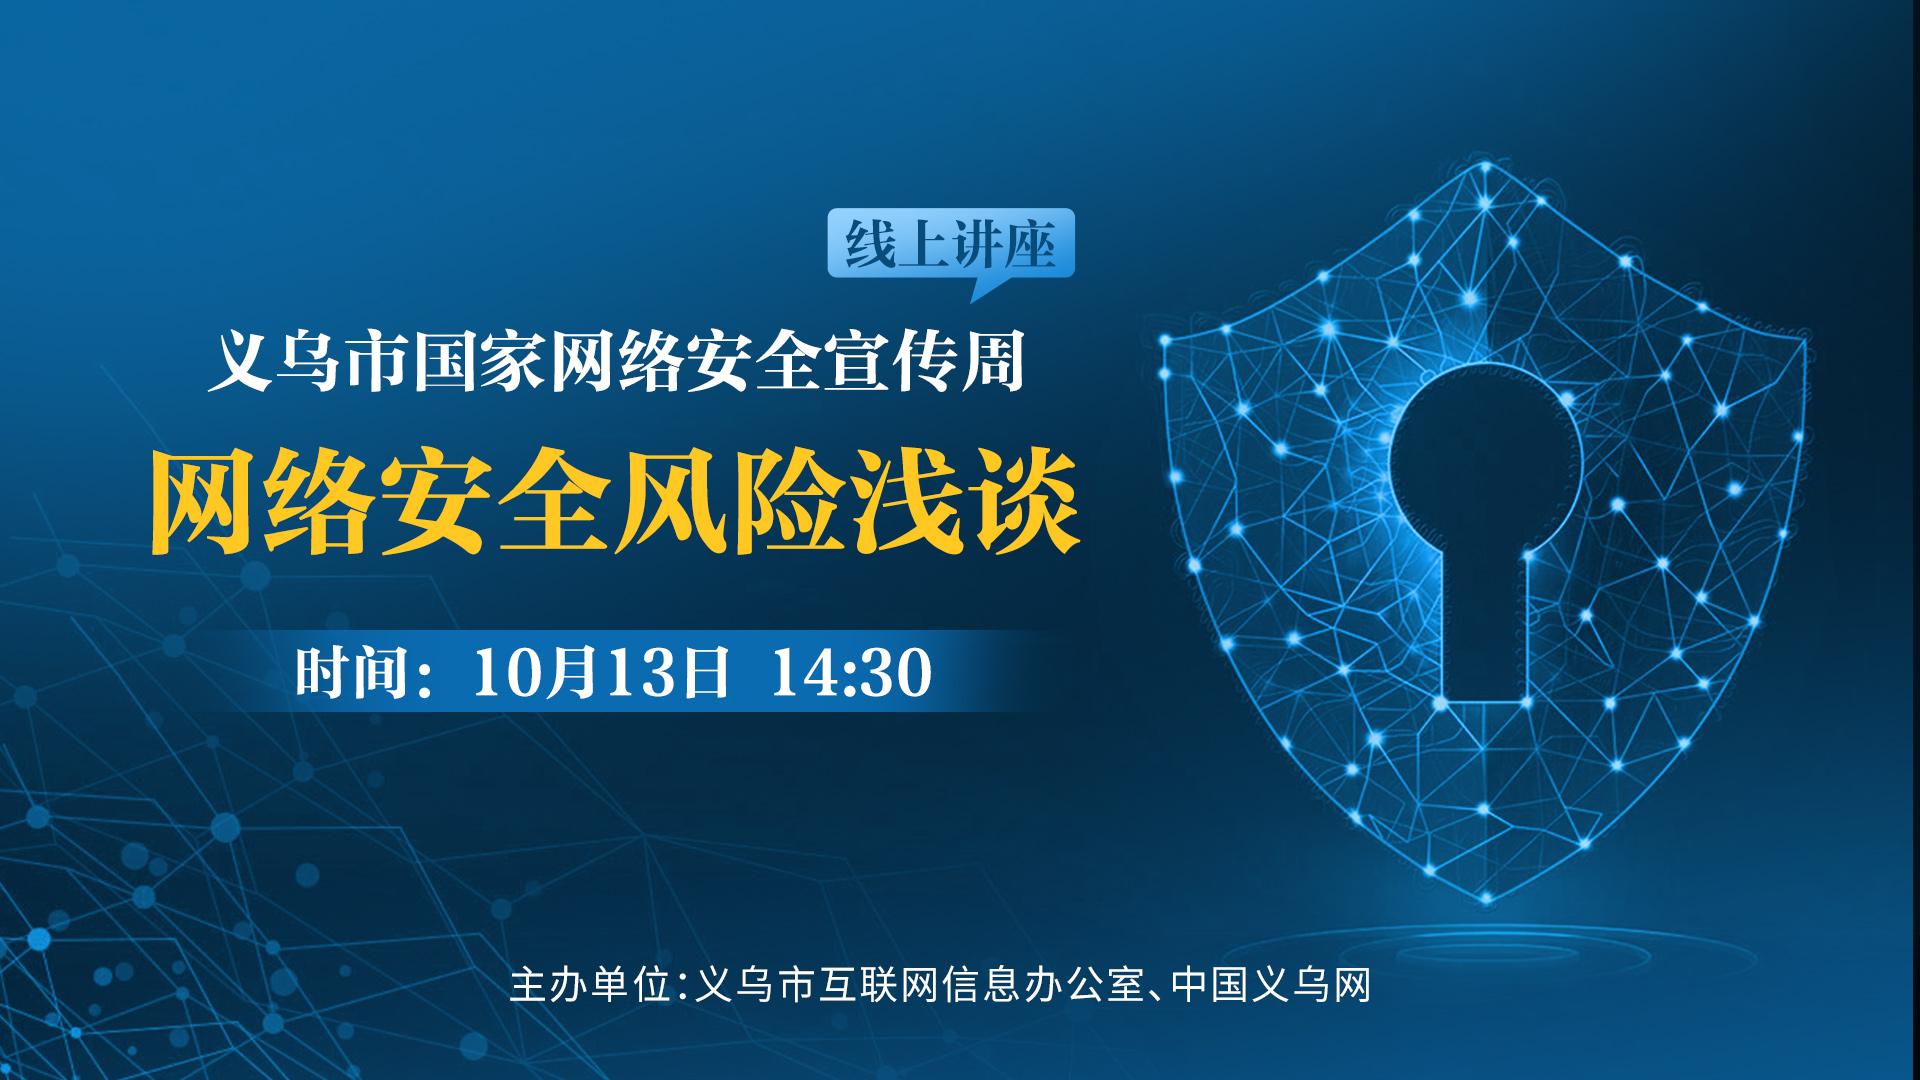 2021义乌市国家网络安全宣传周线上讲座:网络安全风险浅谈